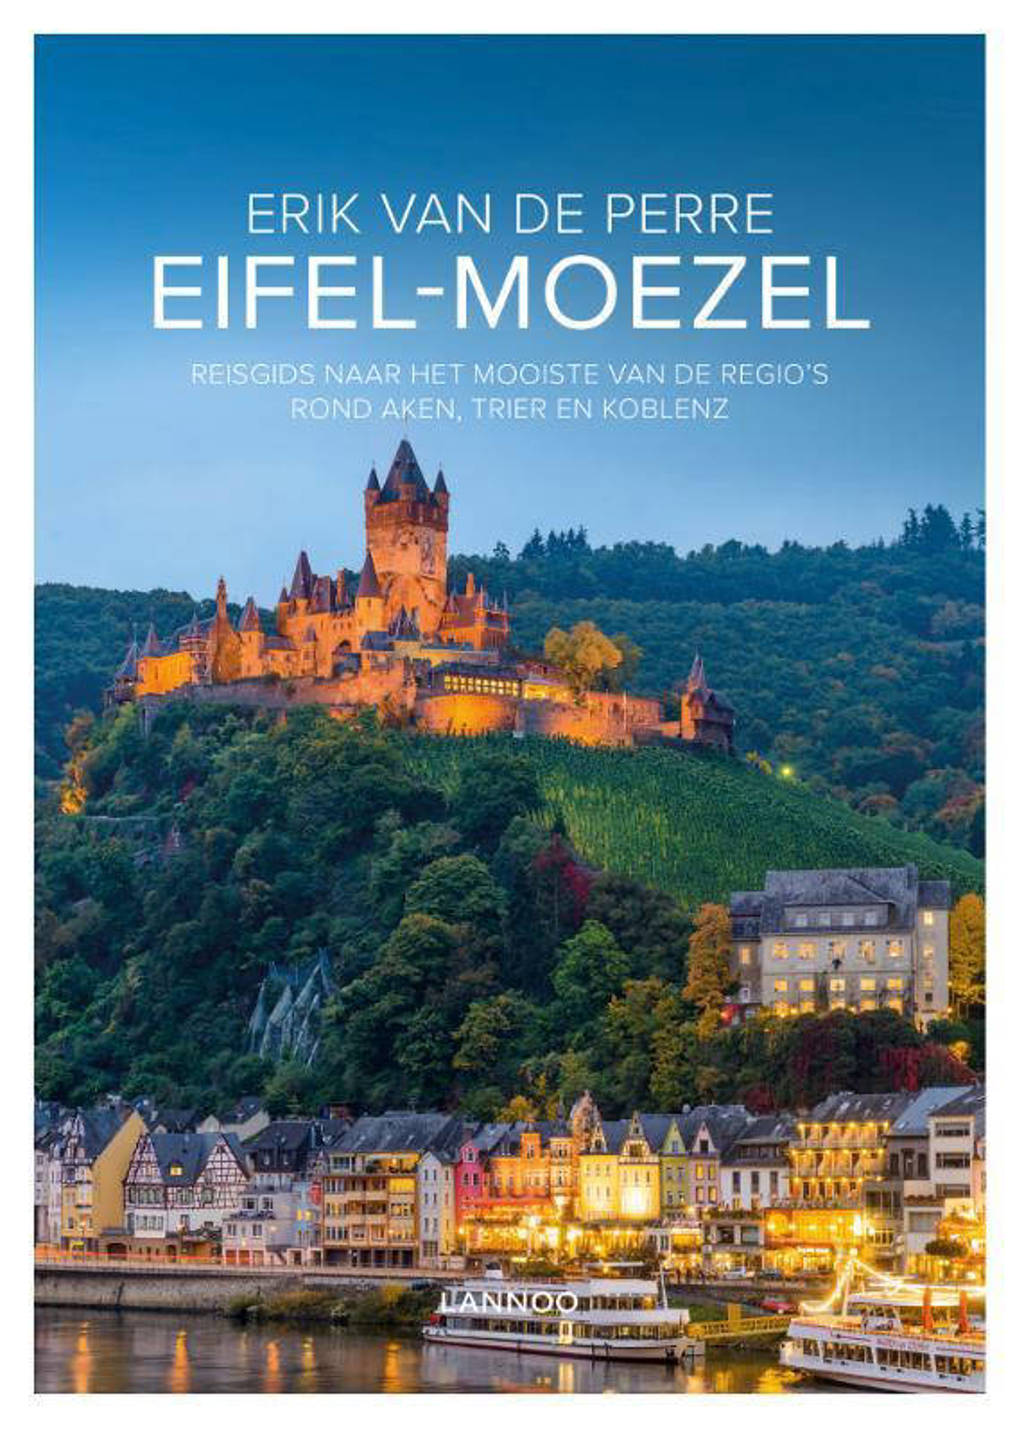 Eifel-Moezel - Erik Van de Perre